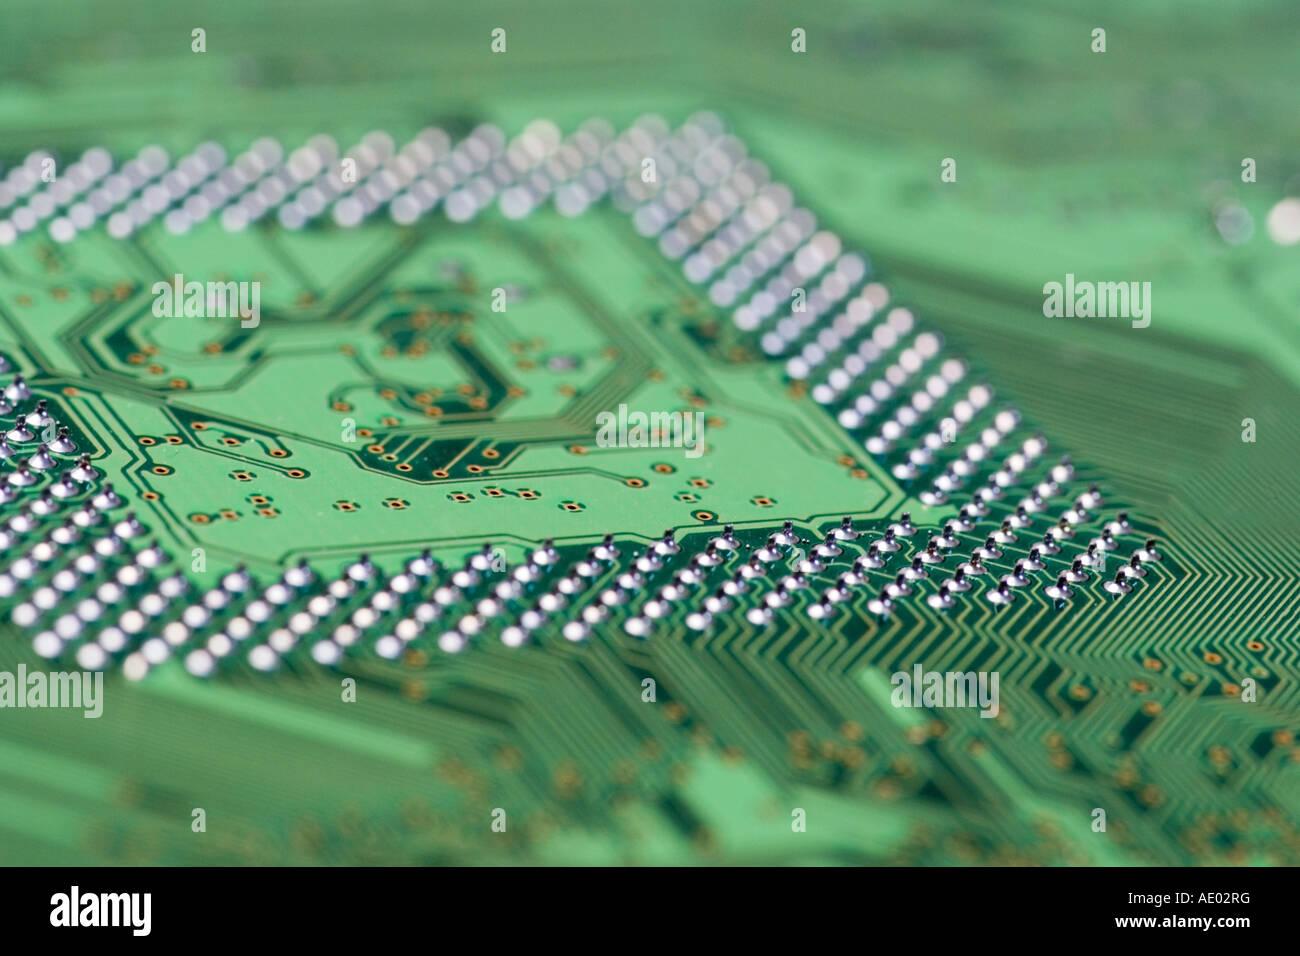 Scheda a circuito stampato per microprcessor Immagini Stock